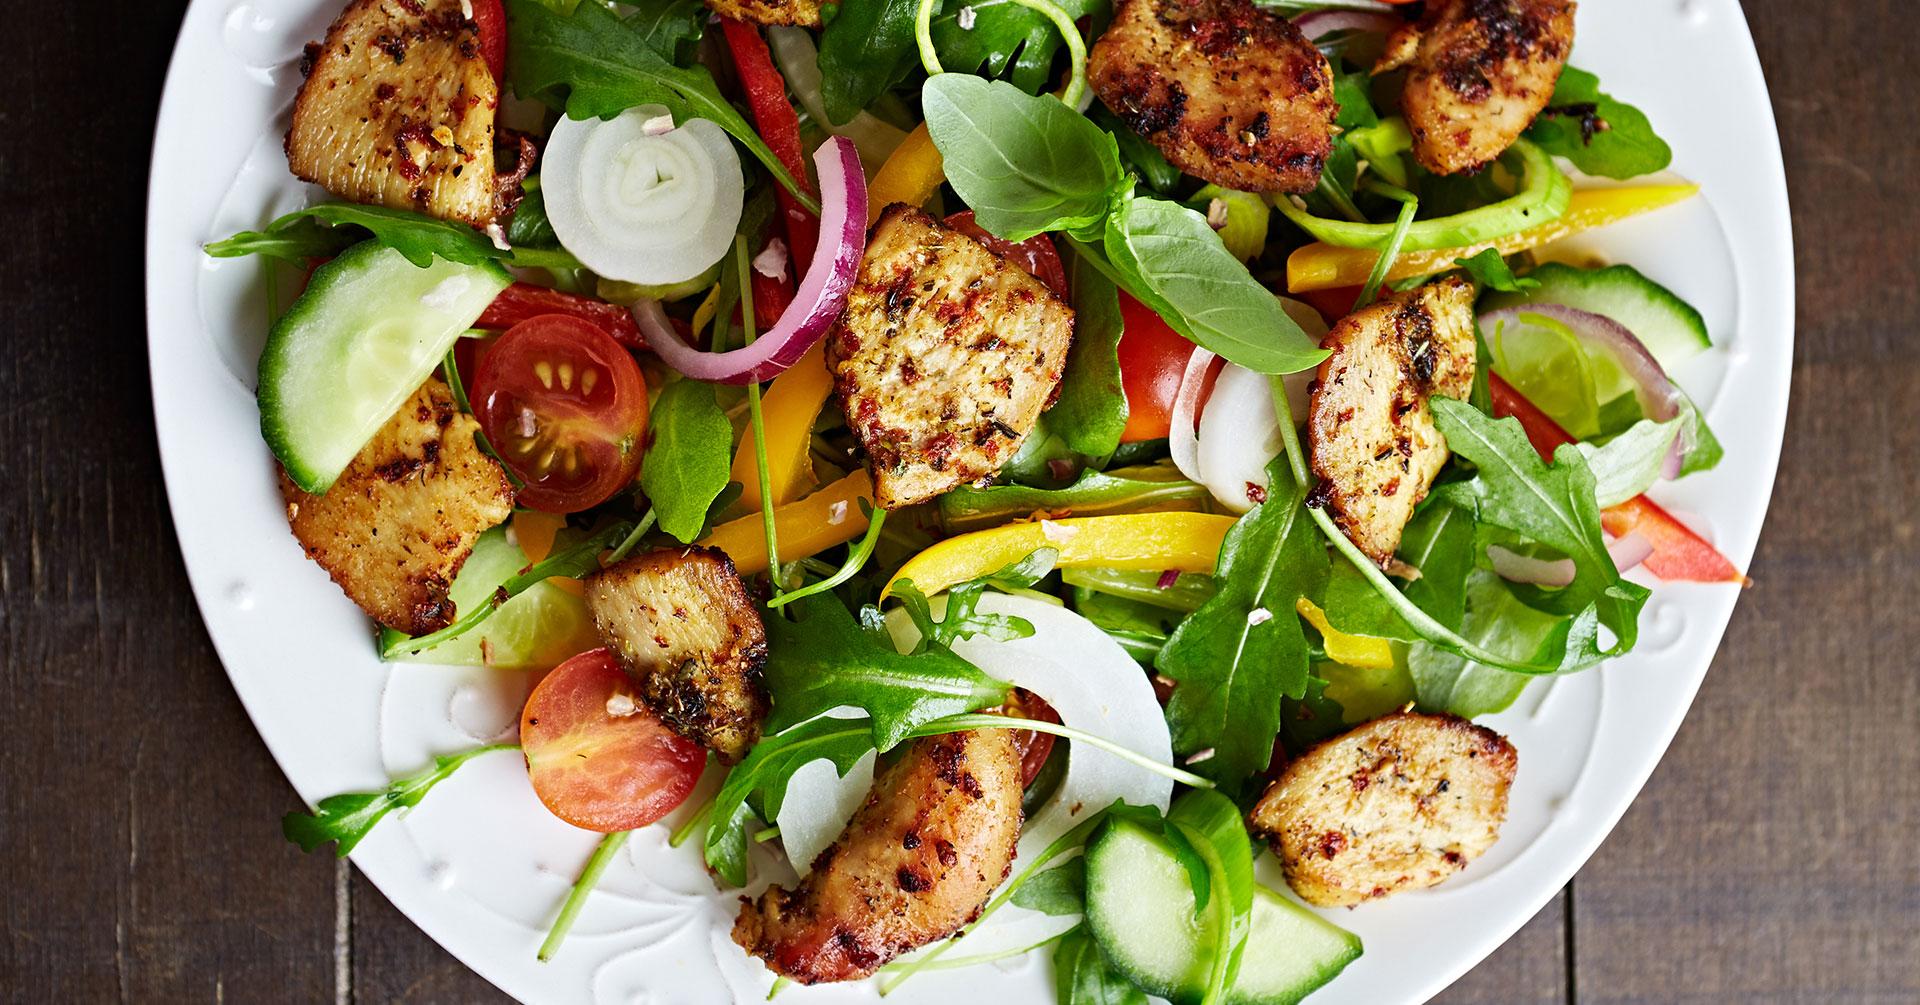 Gratinado de pollo con avena y verduras